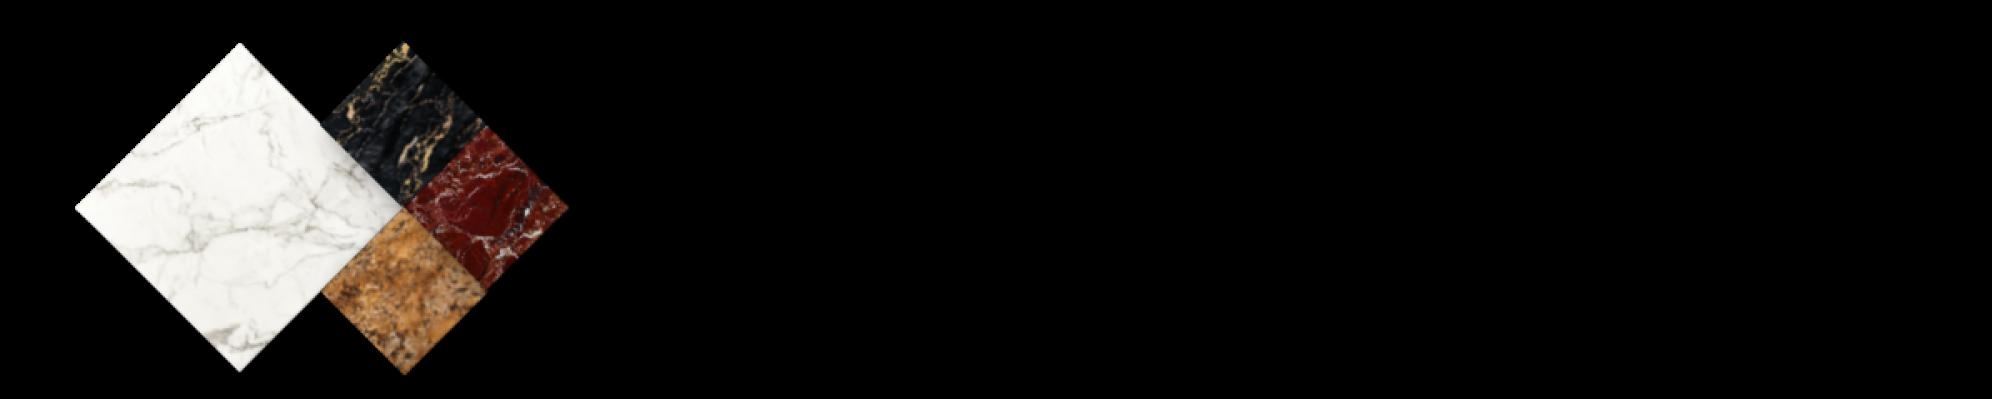 Marmi Tenerani